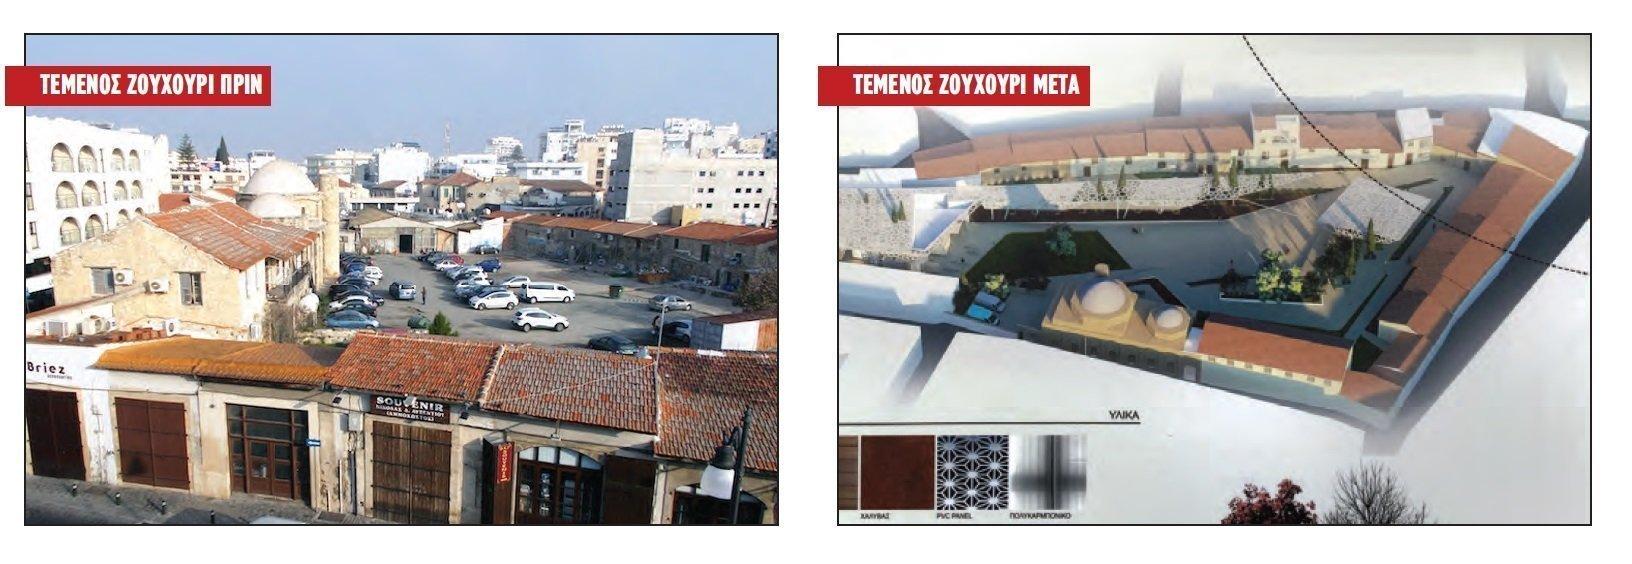 08072018.pdf - Adobe Acrobat Pro